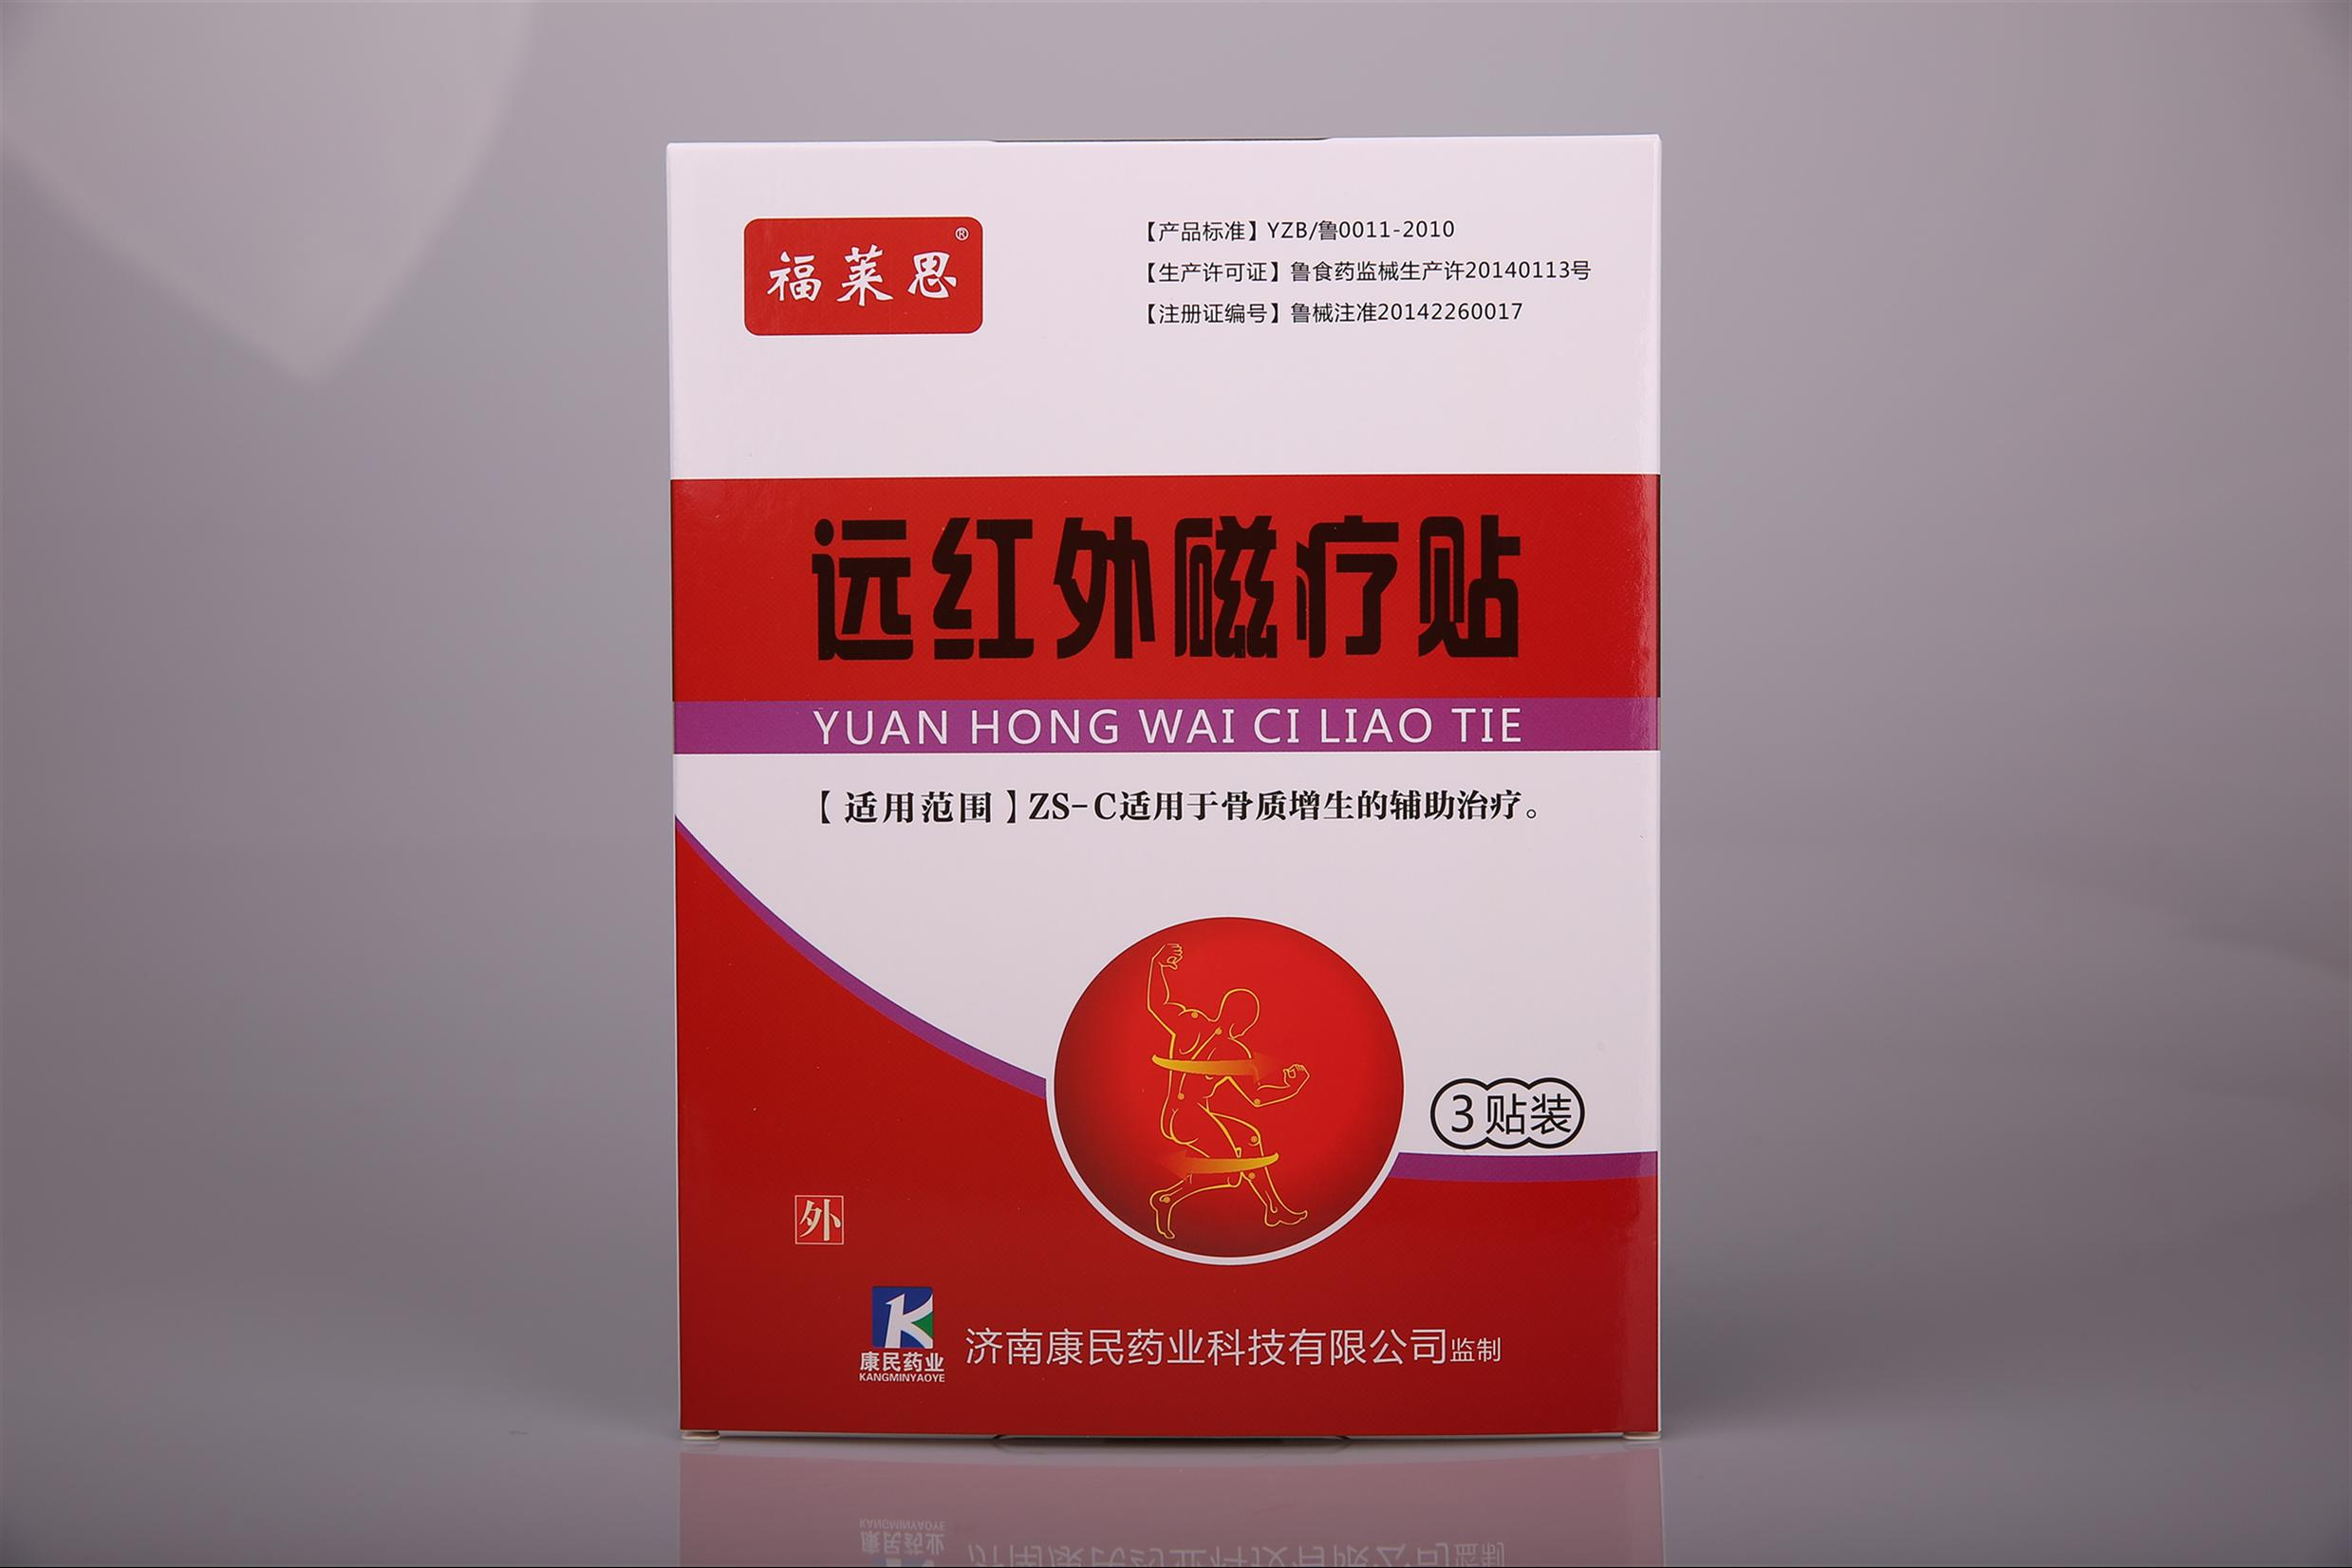 全新 广州止咳贴厂家直销 低价促销